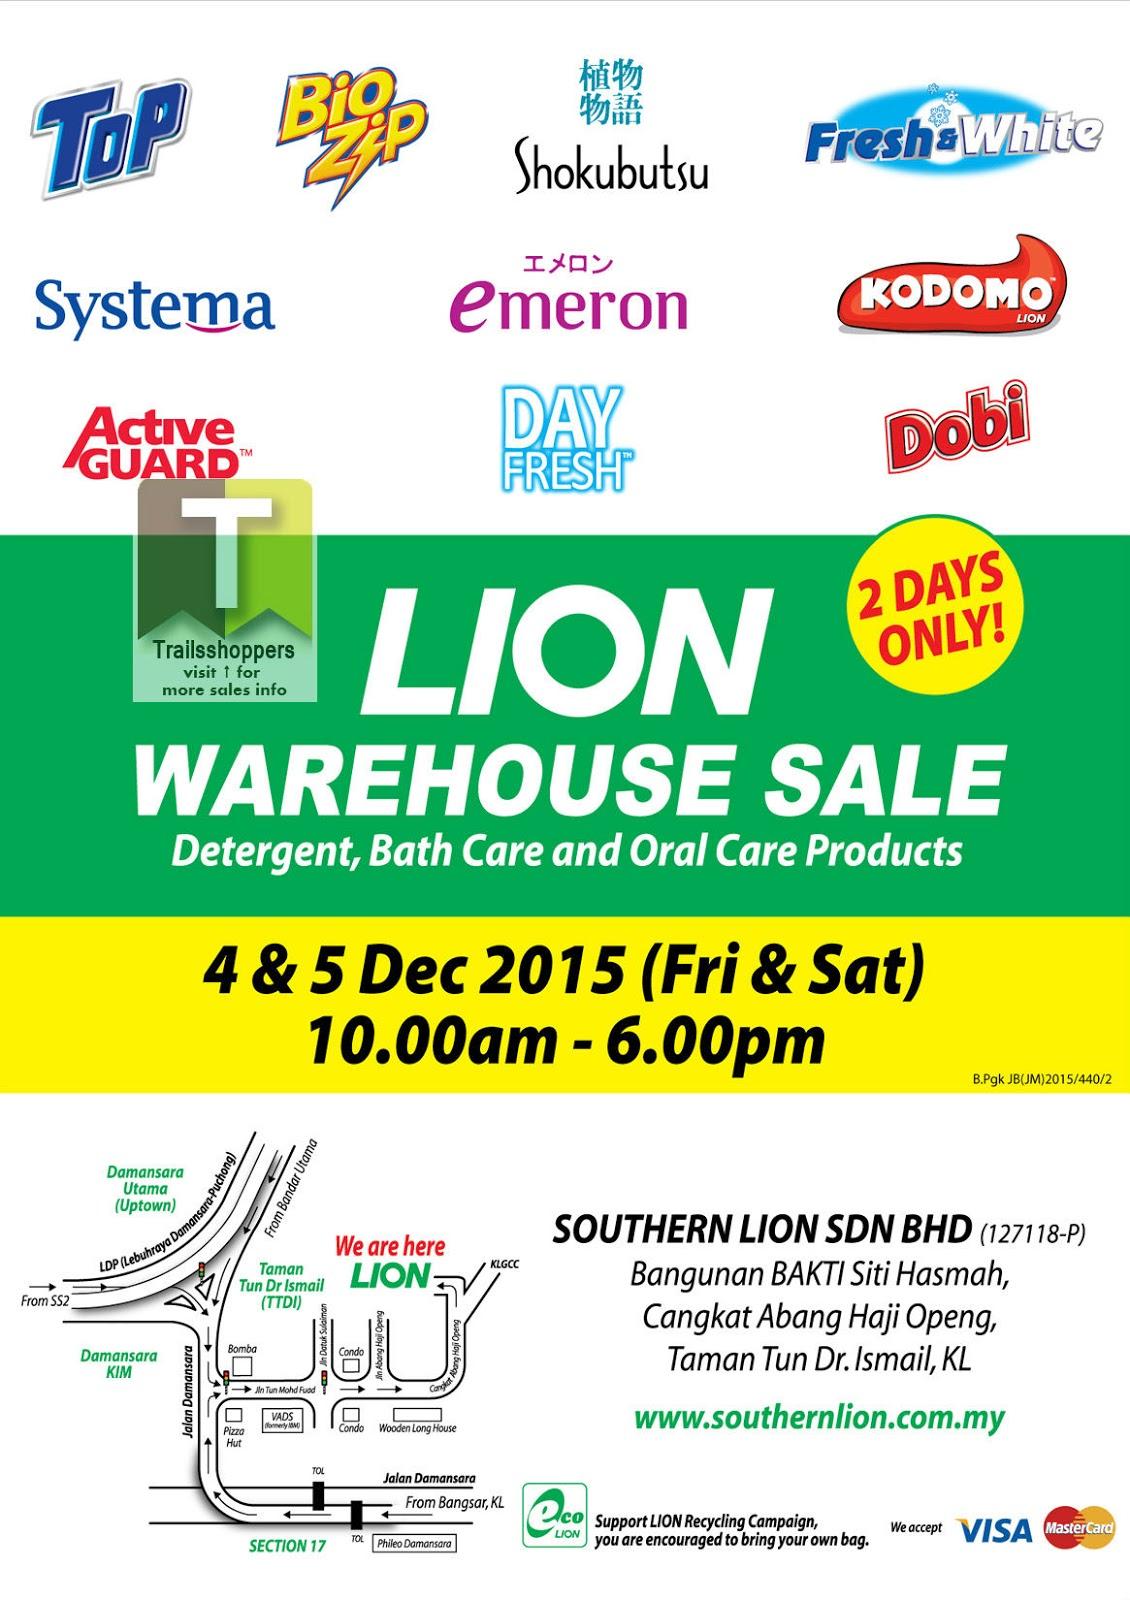 LION Warehouse Sale 4-5 DEC 2015 Malaysia Bio Zip Shokubutsu Dobi Kodomo